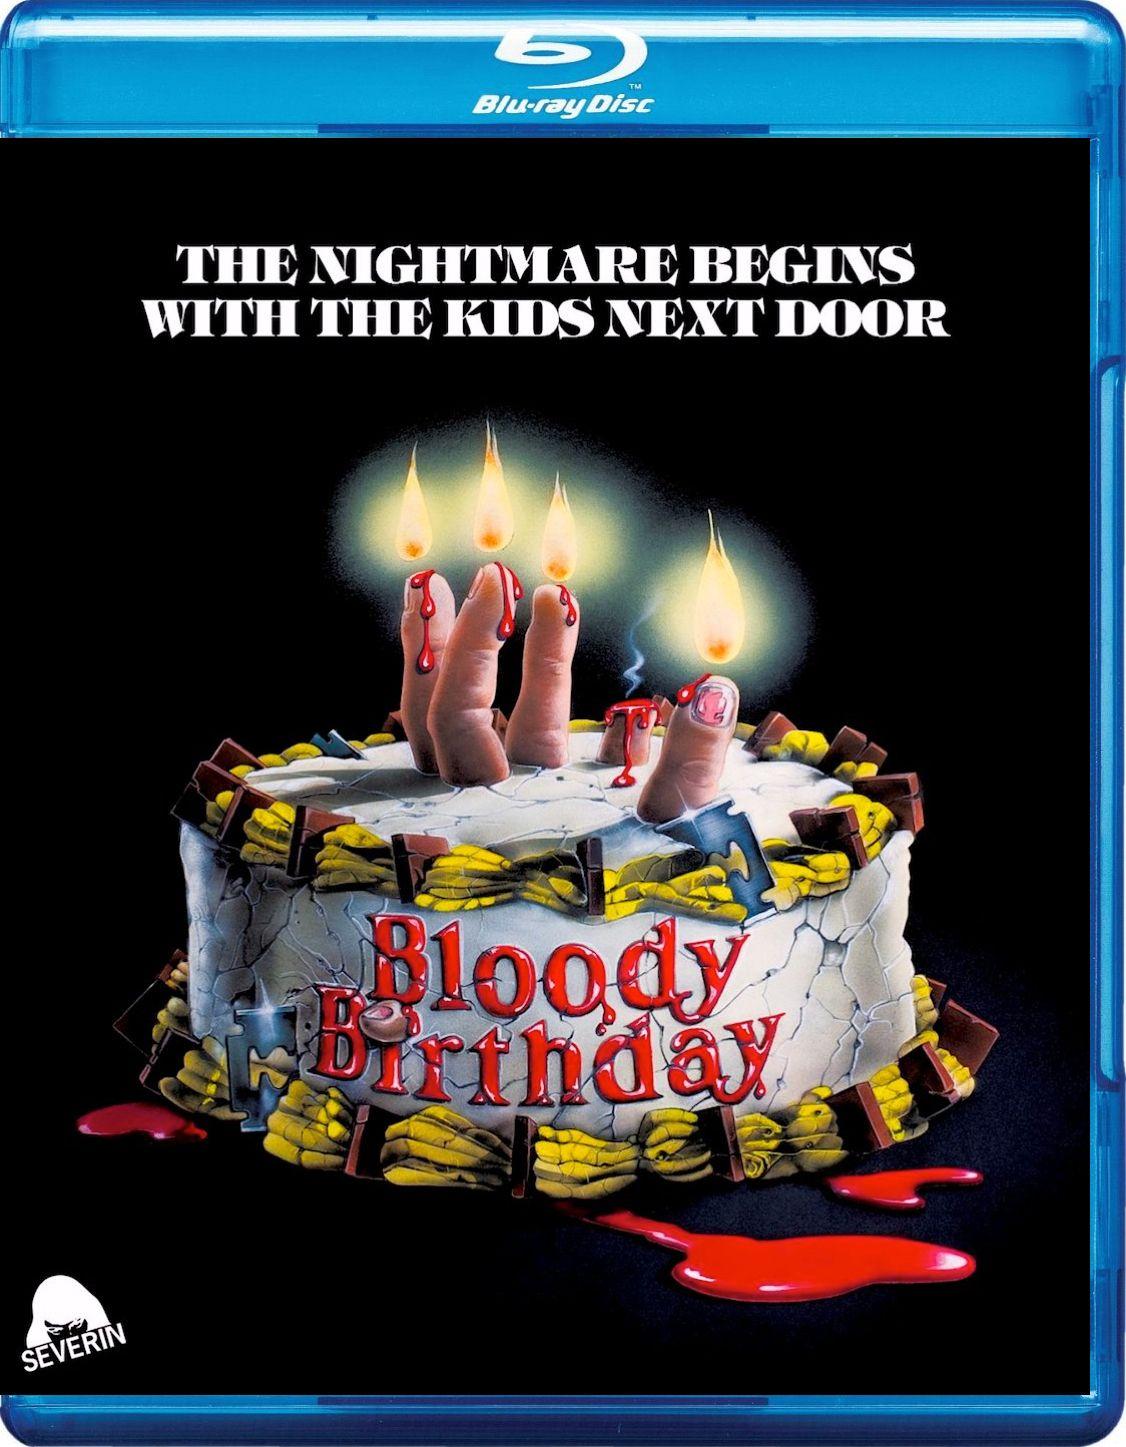 BLOODY BIRTHDAY SEVERIN FILMS BLU-RAY